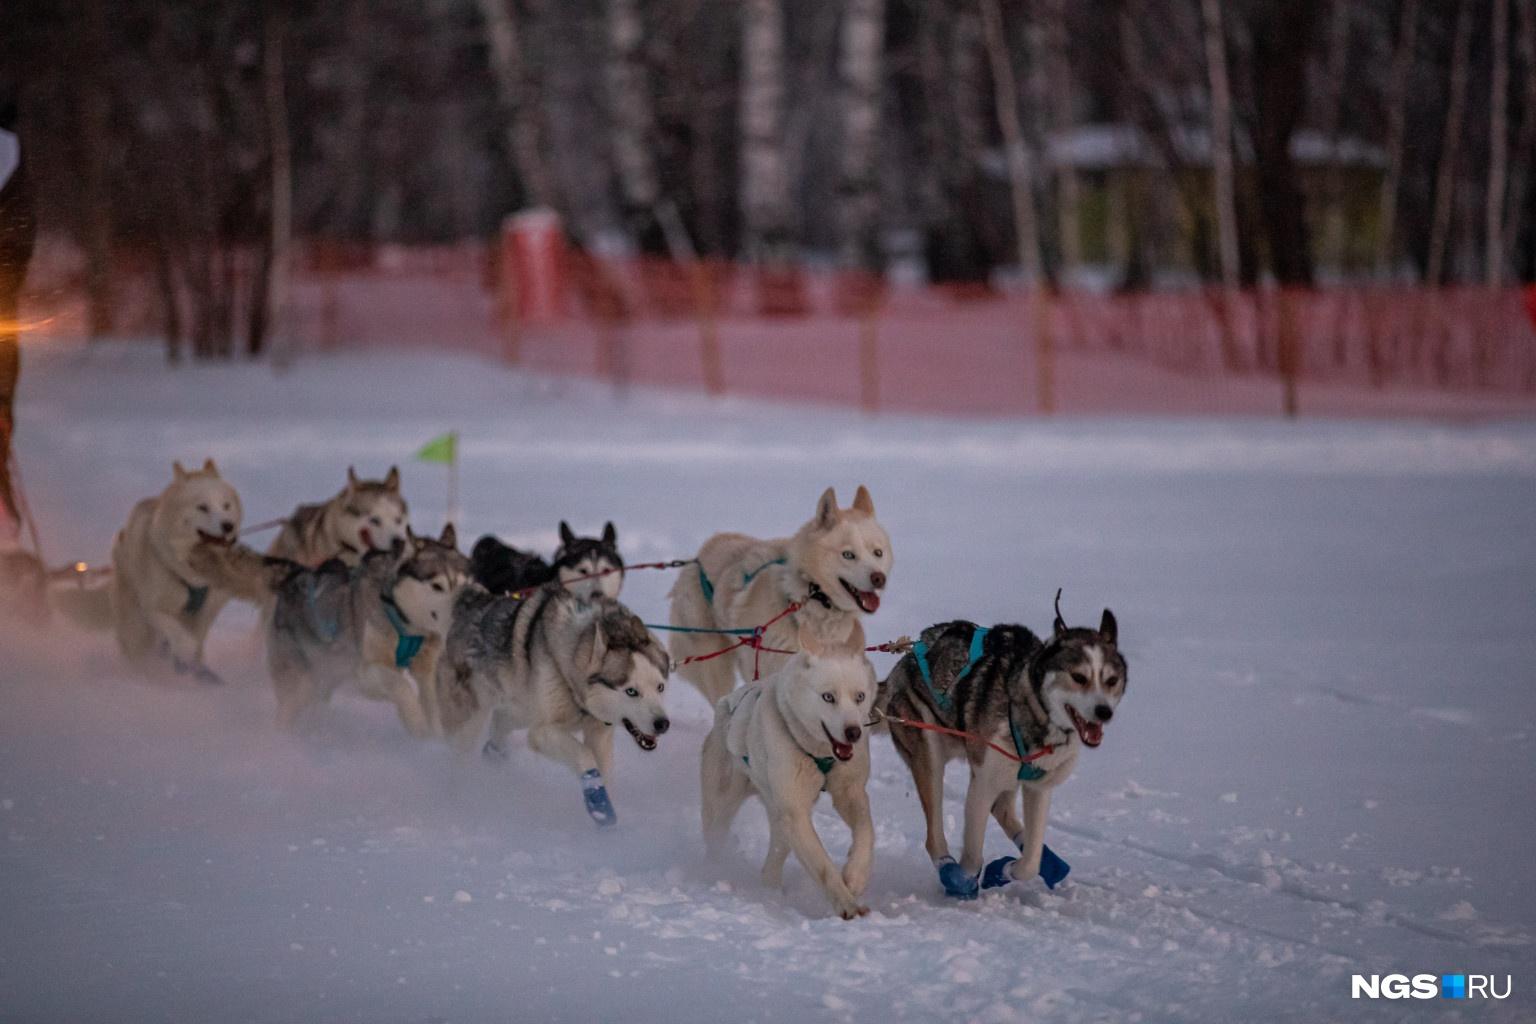 Перед гонкой все участники проходят технический и ветеринарный контроль